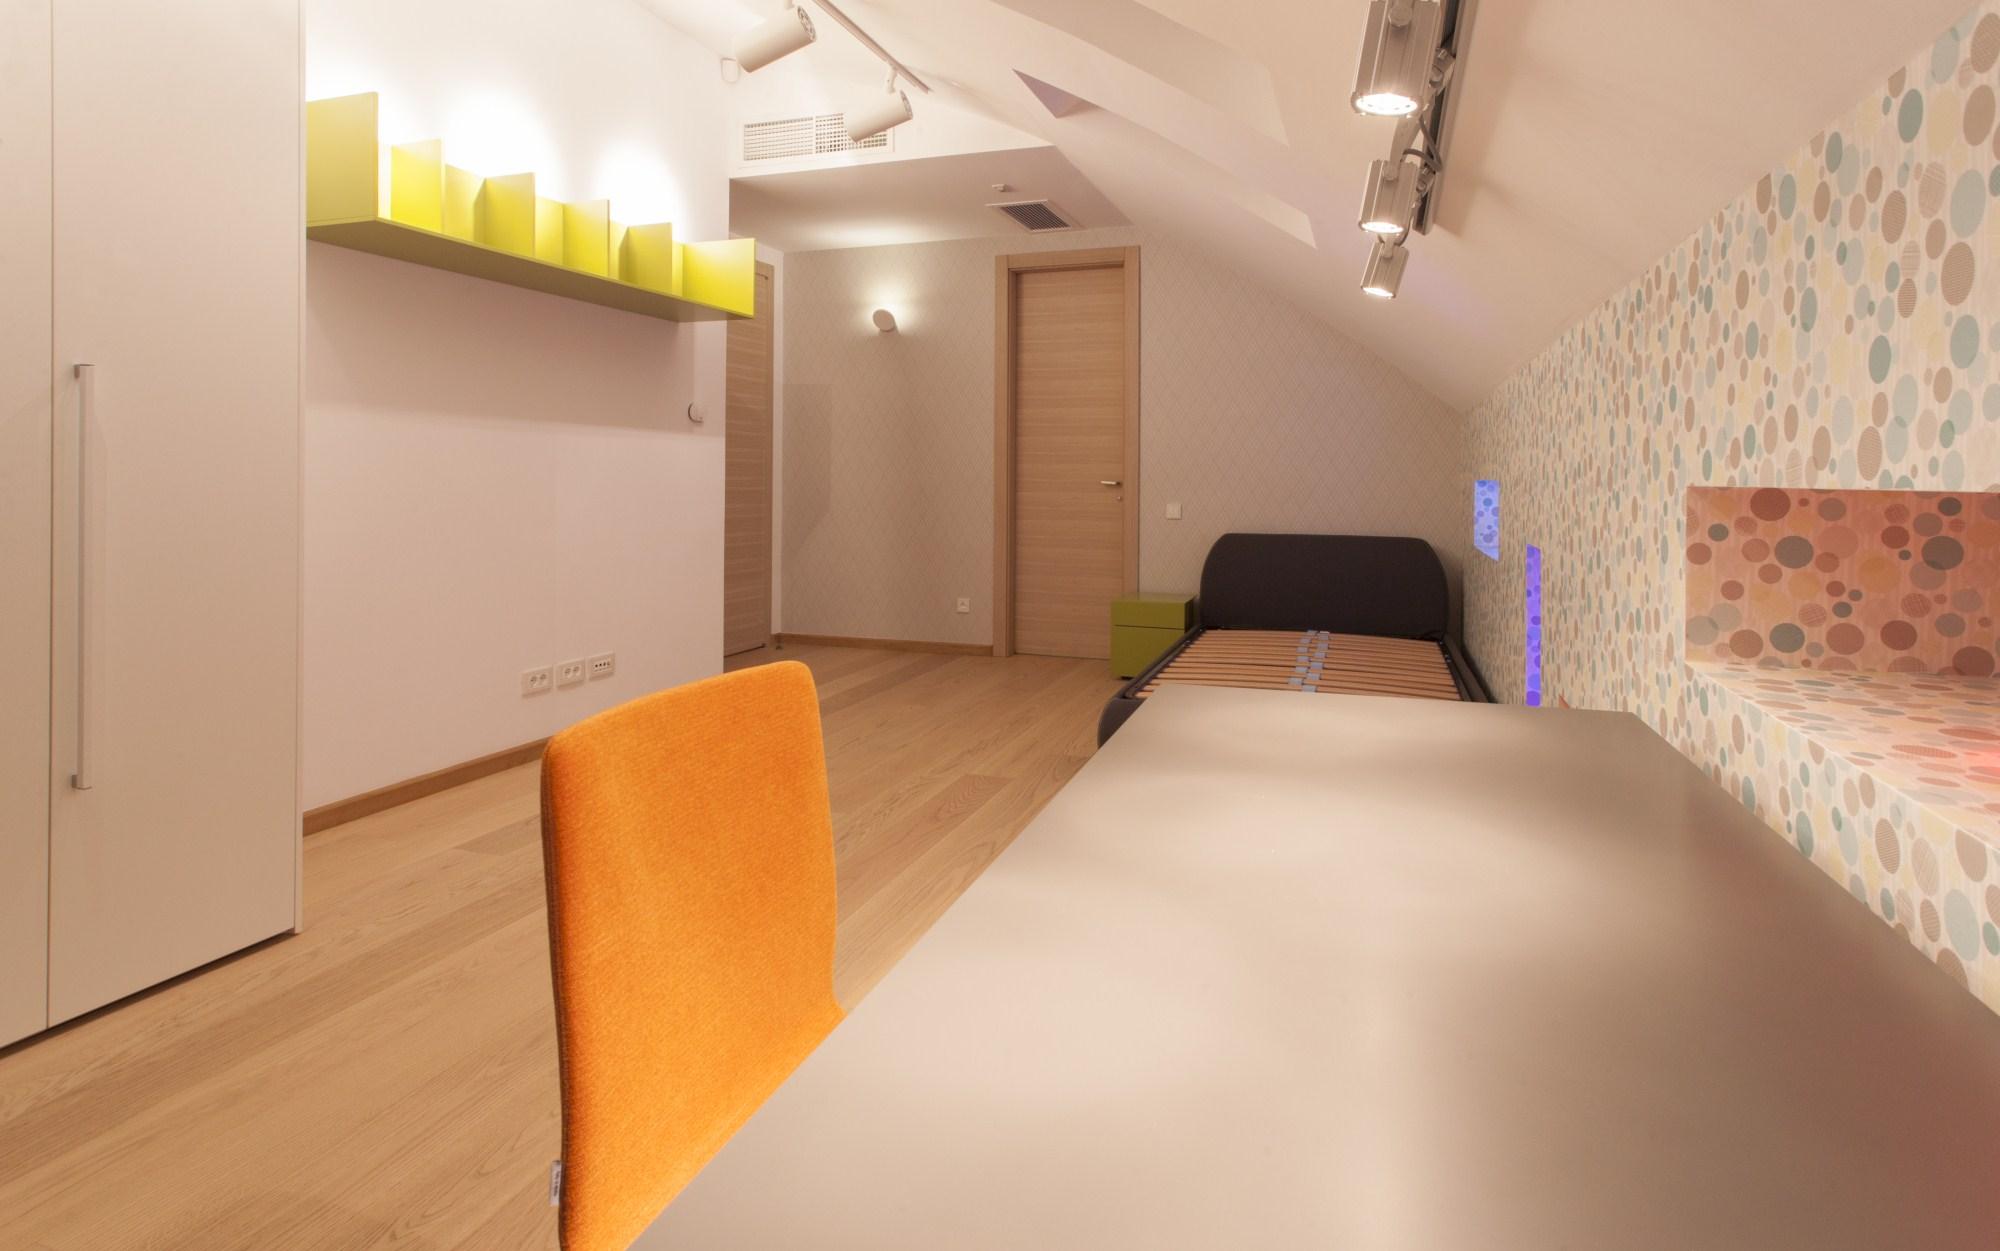 https://nbc-arhitect.ro/wp-content/uploads/2020/10/NBC-Arhitect-_-Petofi-Sandor-_-Housing-_-interior-design_9.jpg